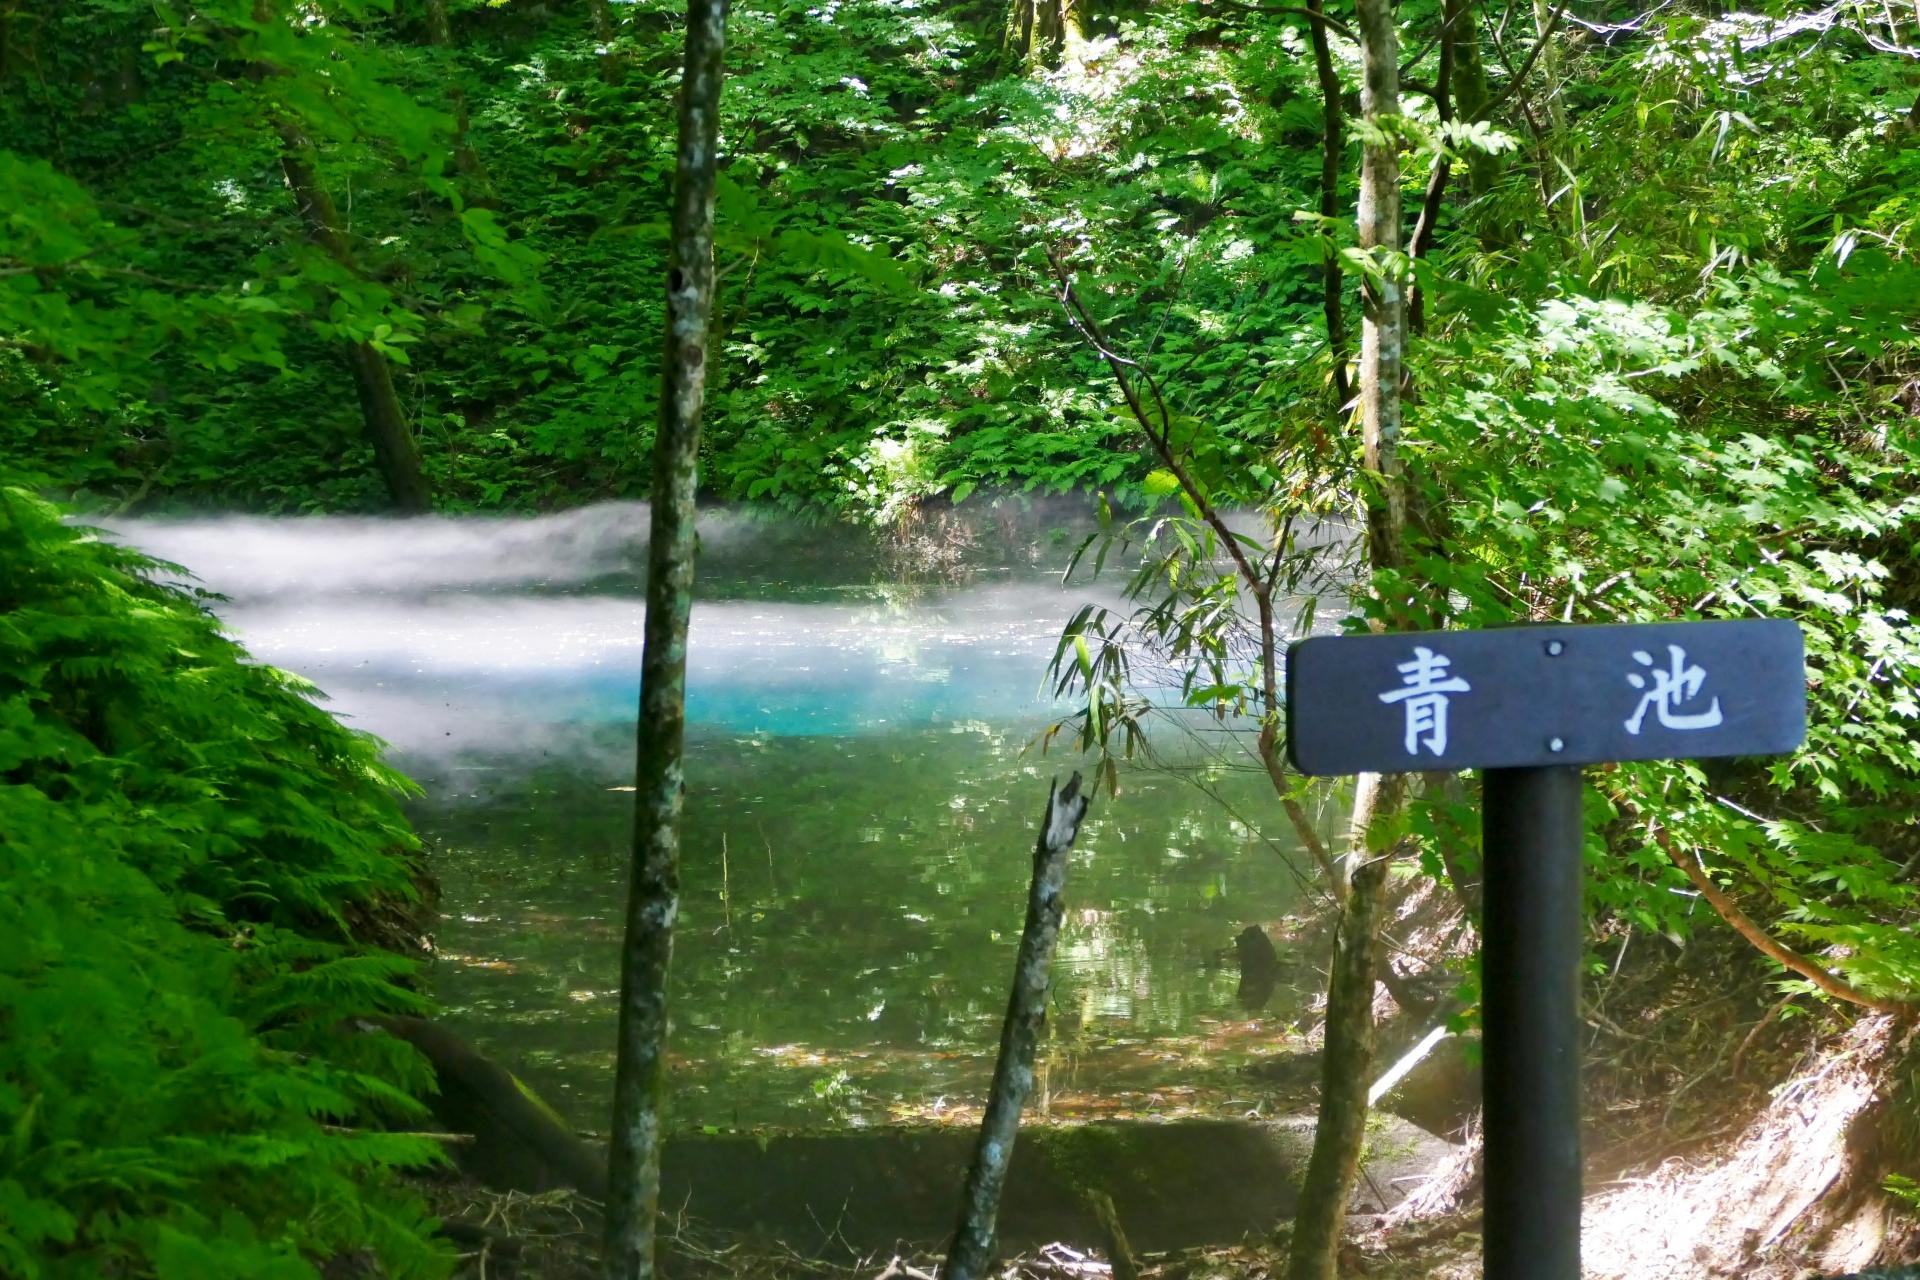 観光 白神 山地 共生の森・世界自然遺産白神山地|青森県観光情報サイト